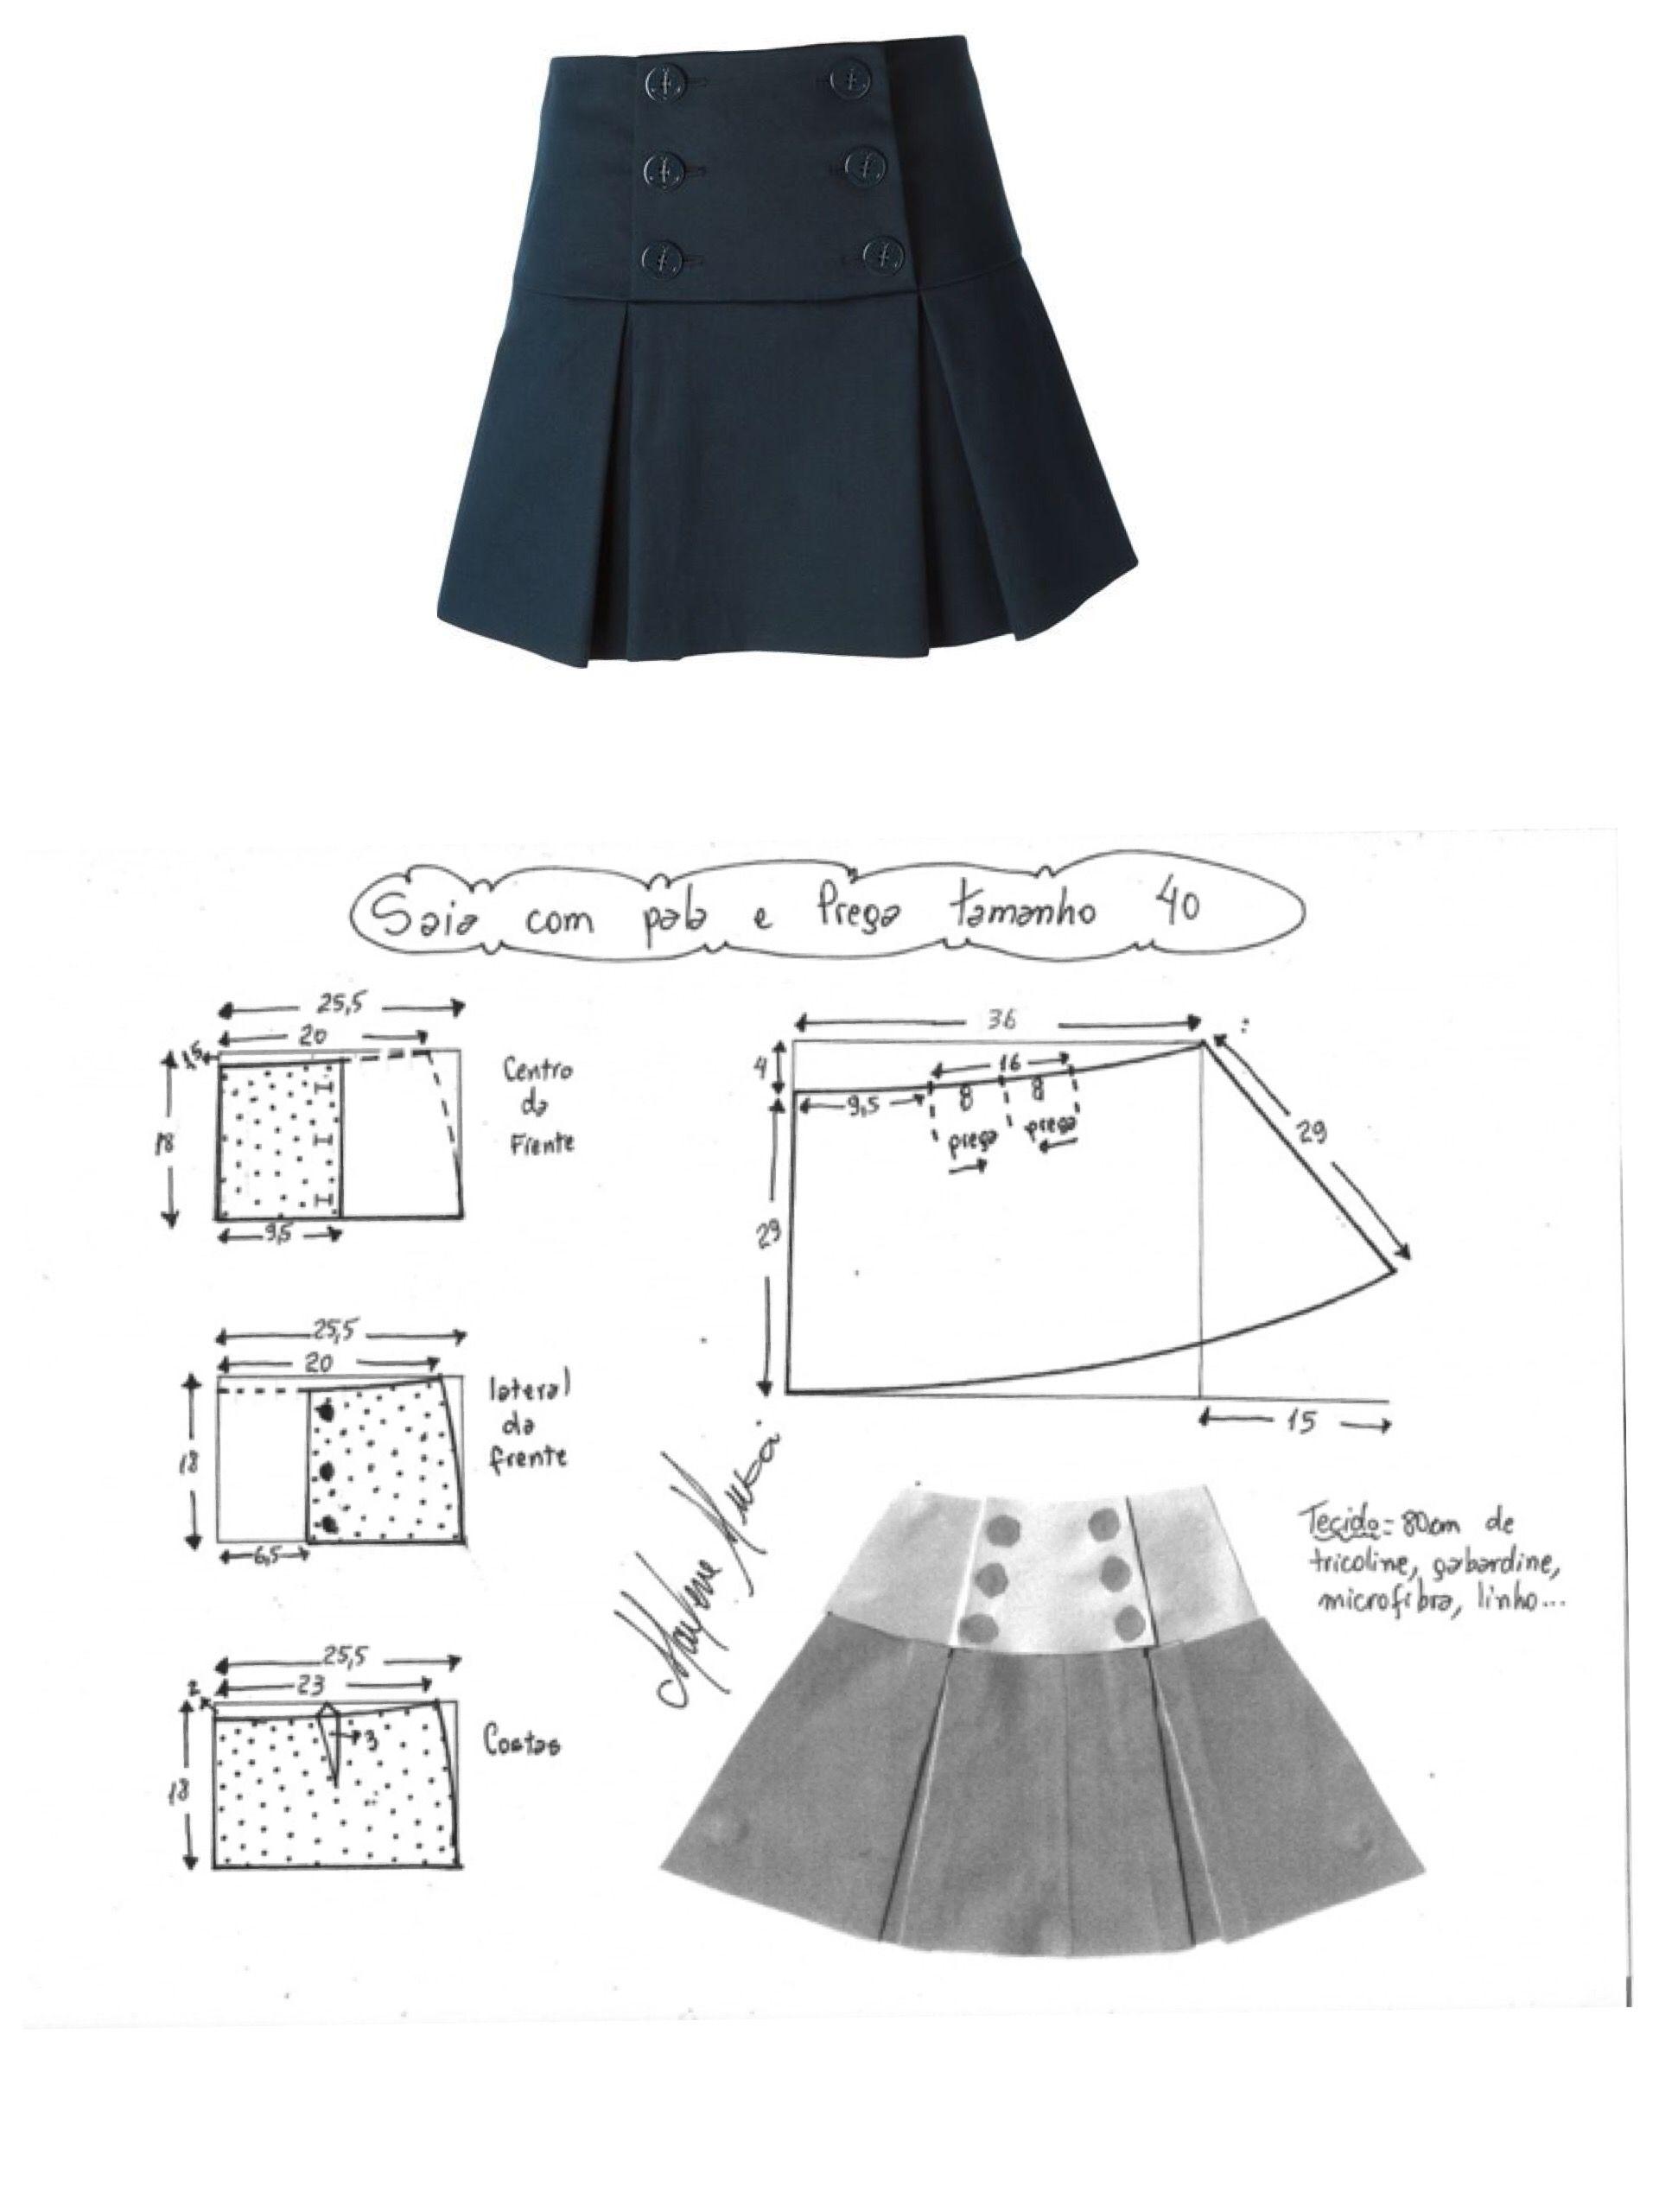 Pin de Viviana Rivera en Patrones De Costura | Pinterest | Costura ...